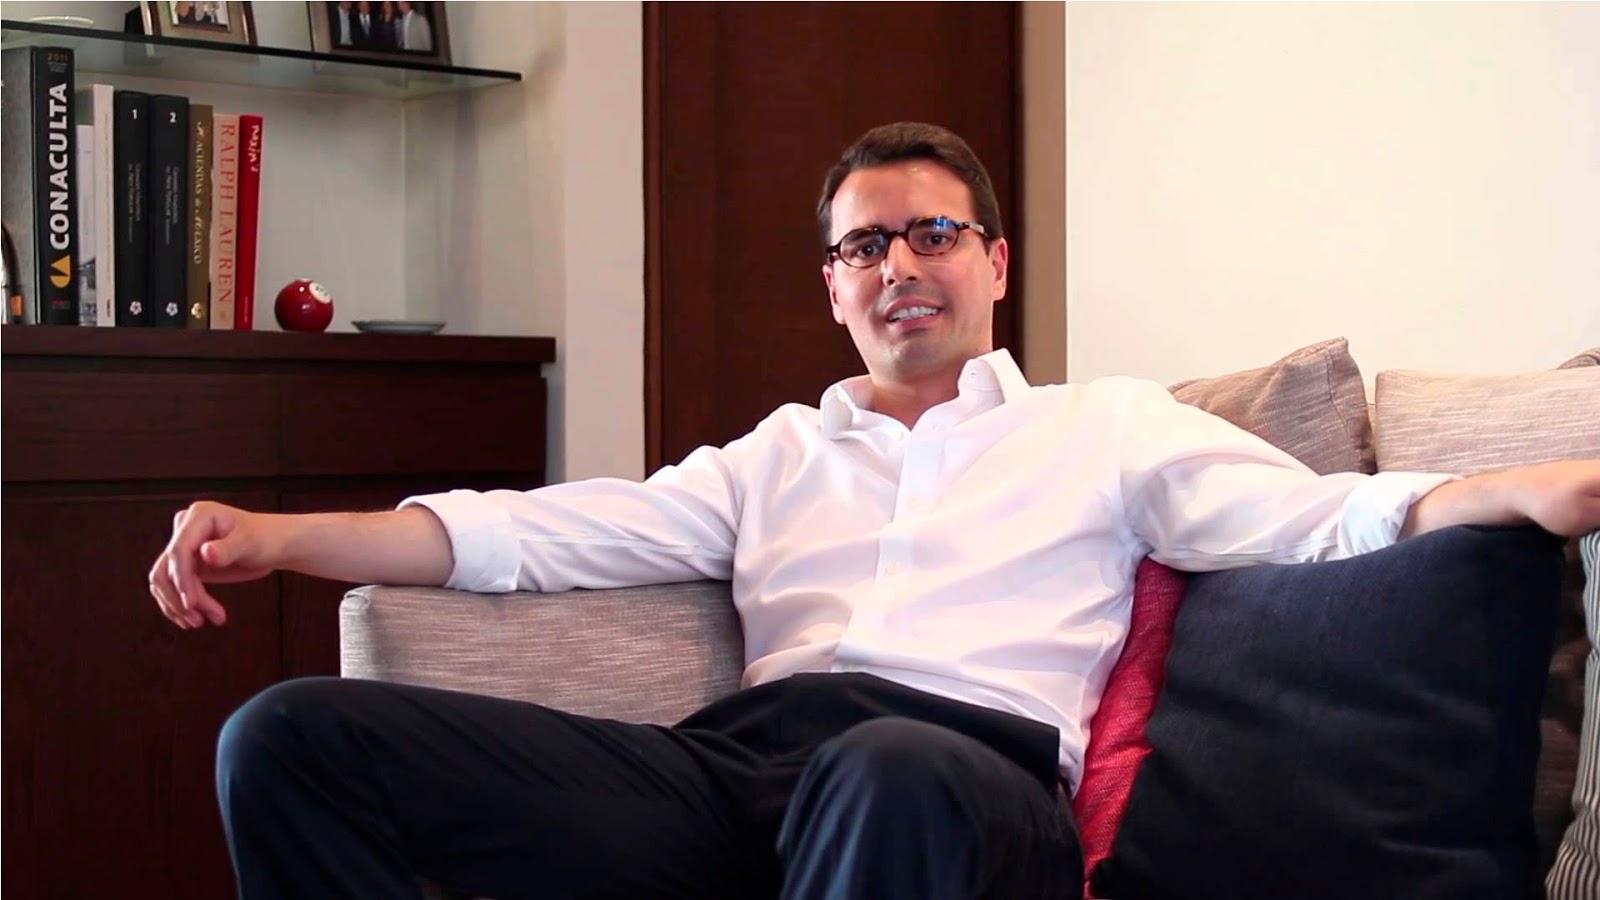 """Candidato independiente sin experiencia política busca ser el primer presidente gay en México, """"El país está listo para tener a un líder homosexual"""": dijo"""